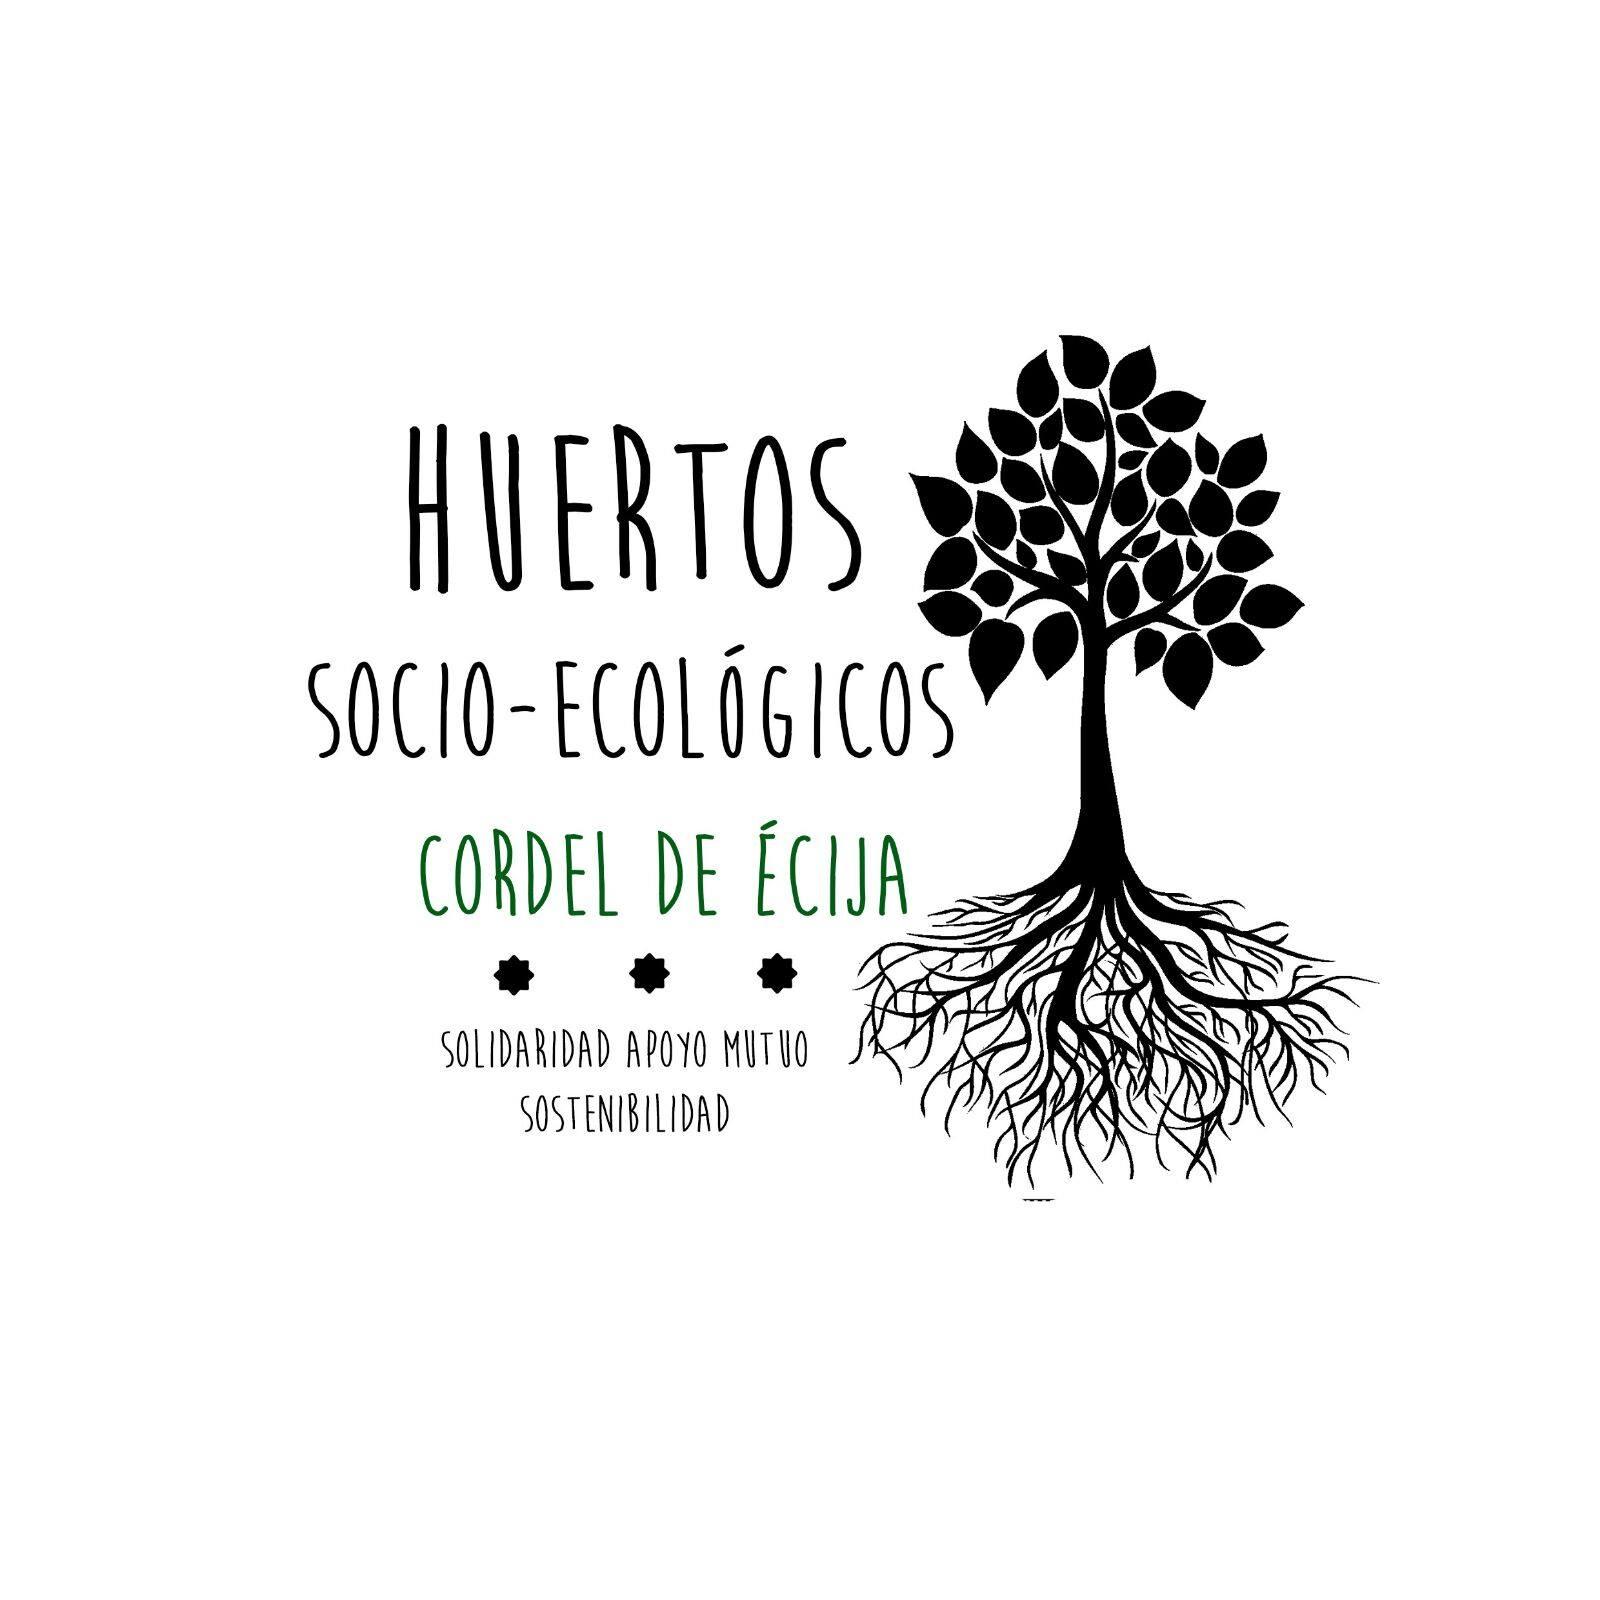 PLATAFORMA CIUDADANA PRO HUERTOS URBANOS SOCIO-ECOLOGICOS DE EL CORDEL DE ECIJA